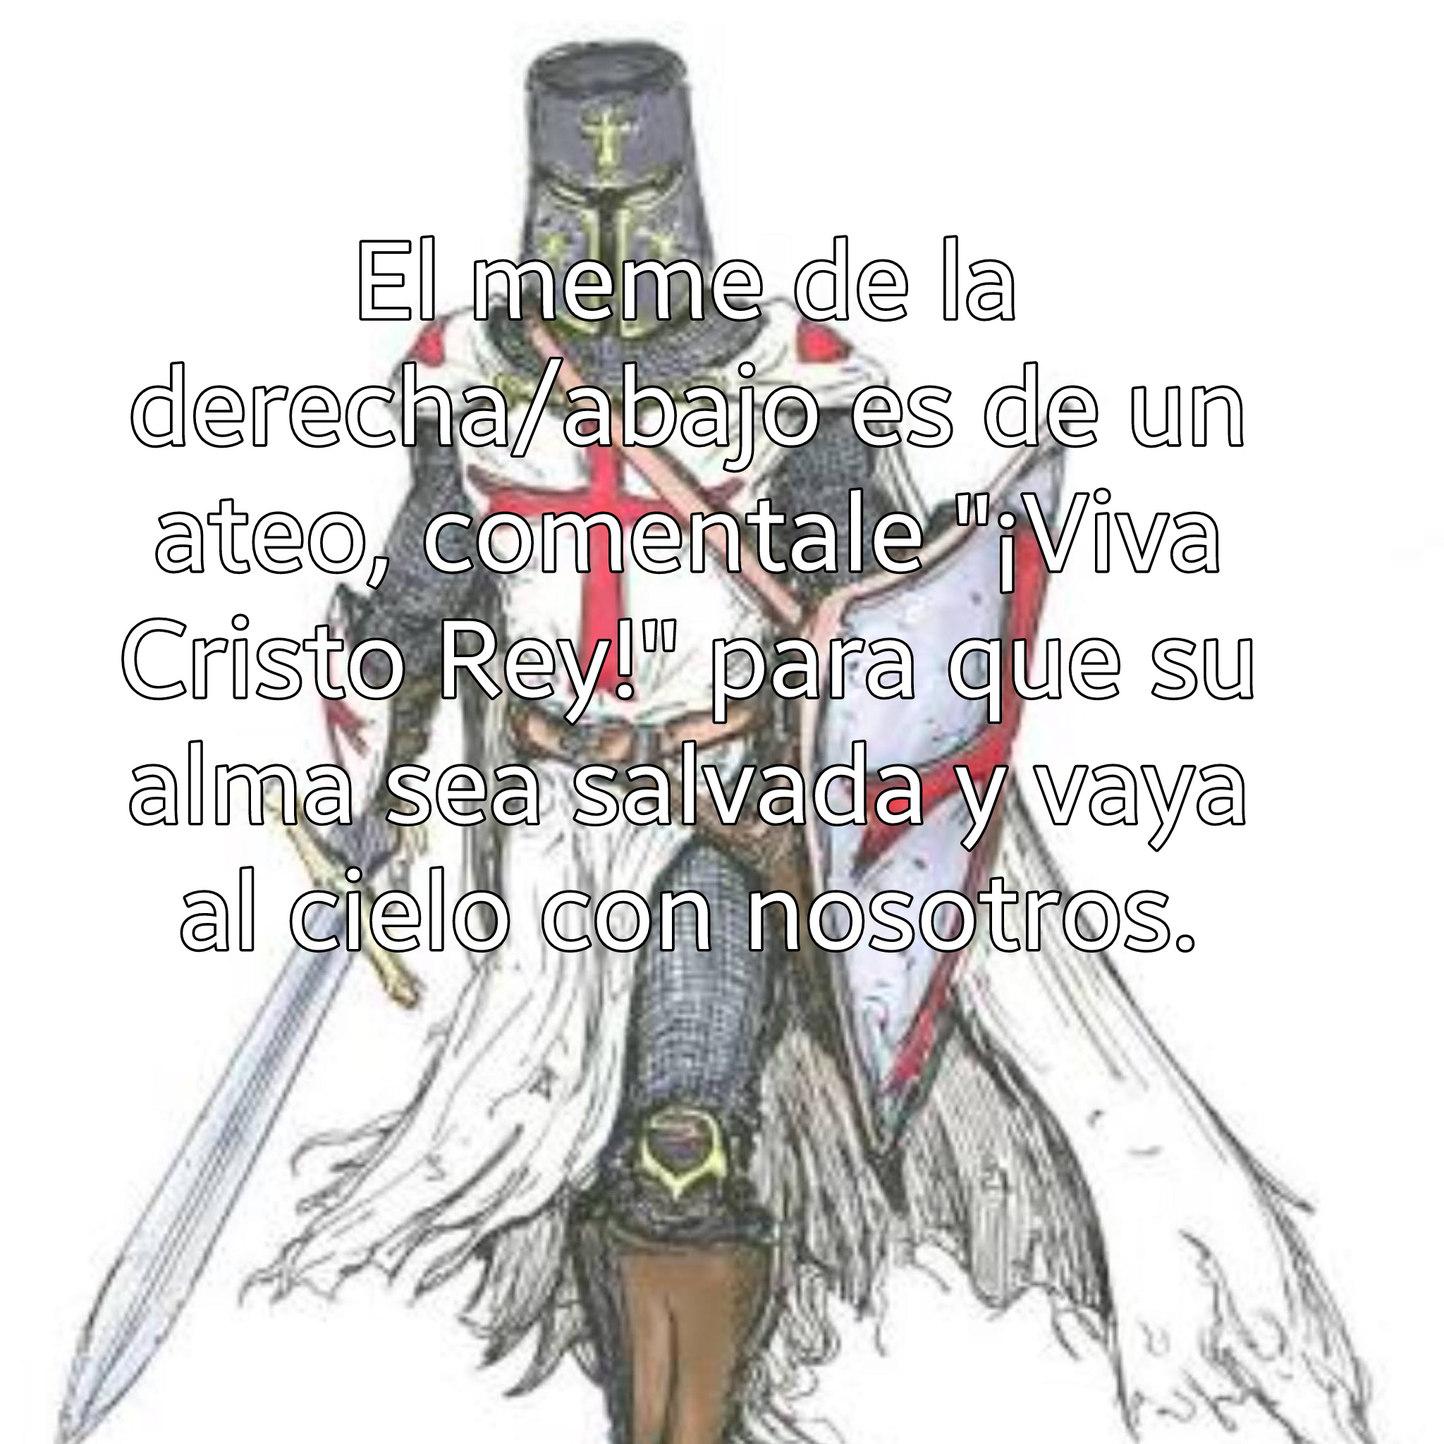 ¡Viva Cristo Rey! - meme